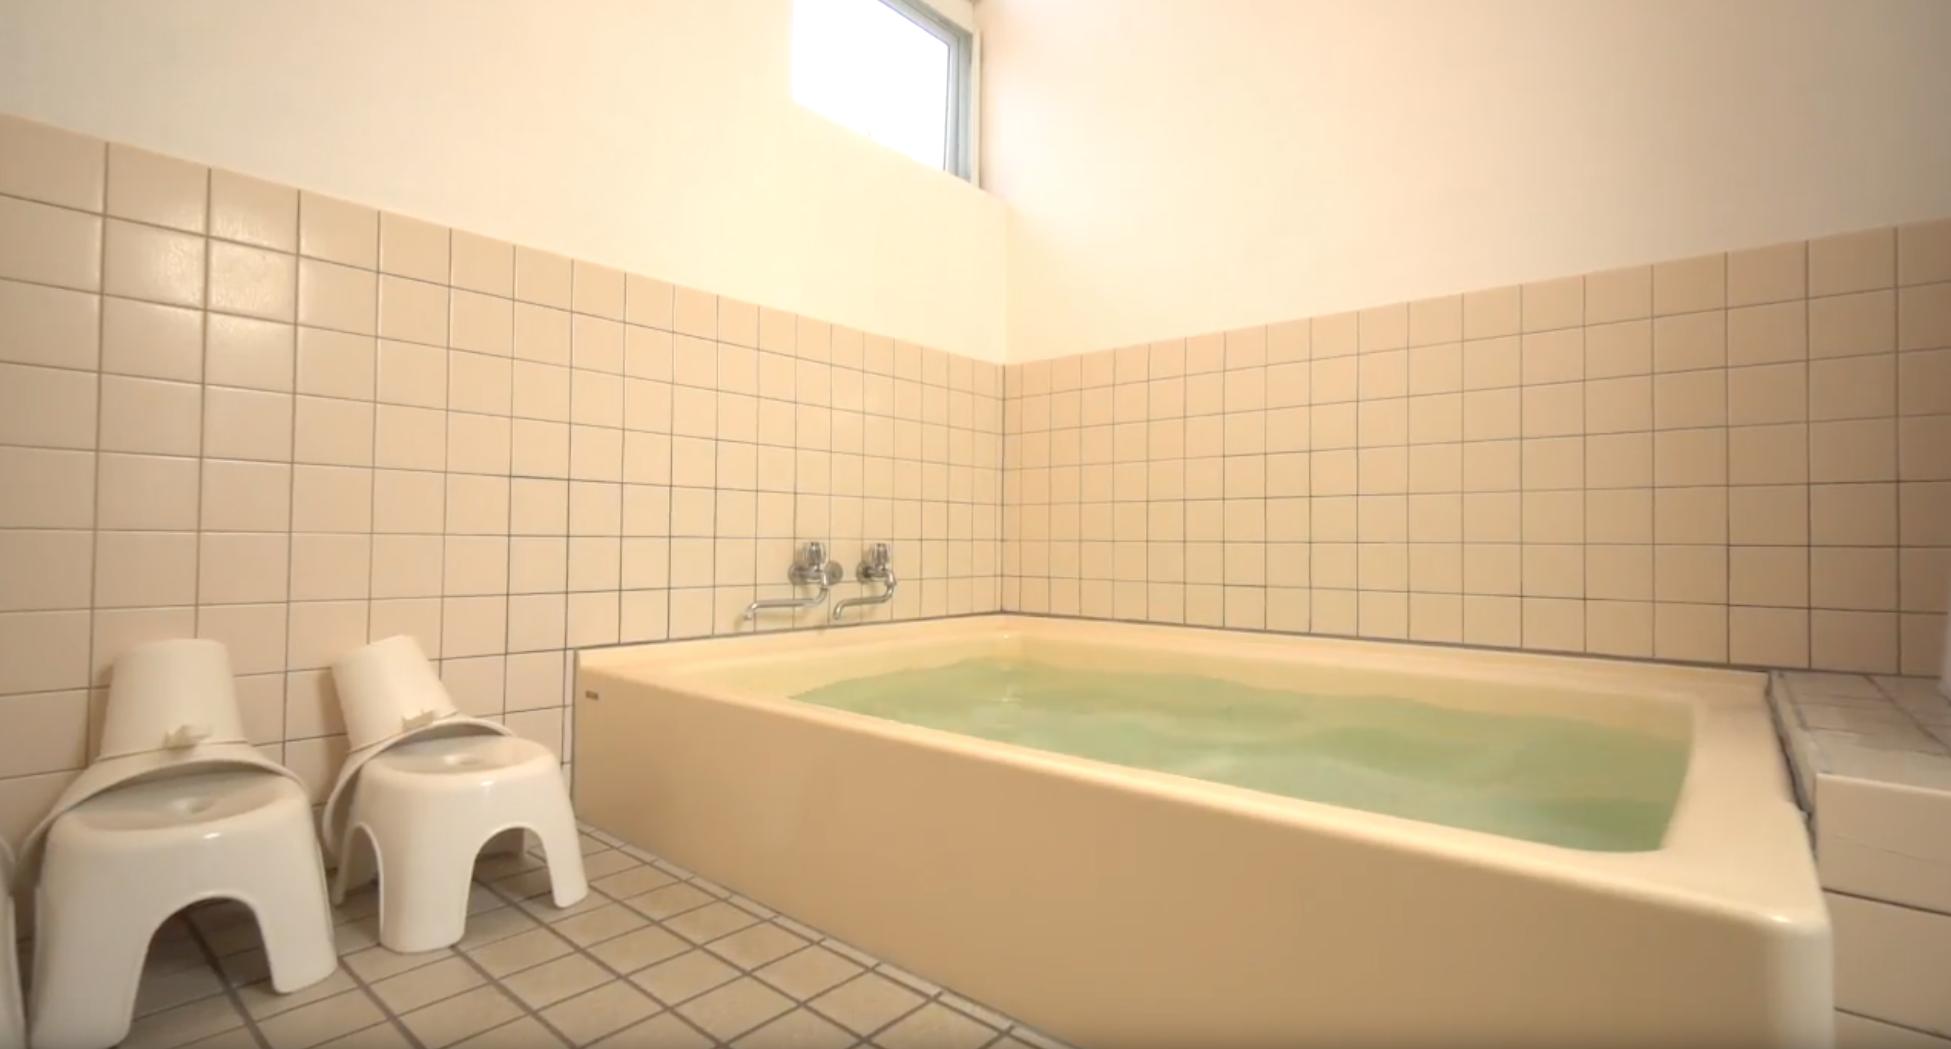 (当社温泉はコロナ感染防止のためしばらく封印とさせていただきます)通常3〜4人で入ることの出来る温泉です。(事前予約、現地精算)